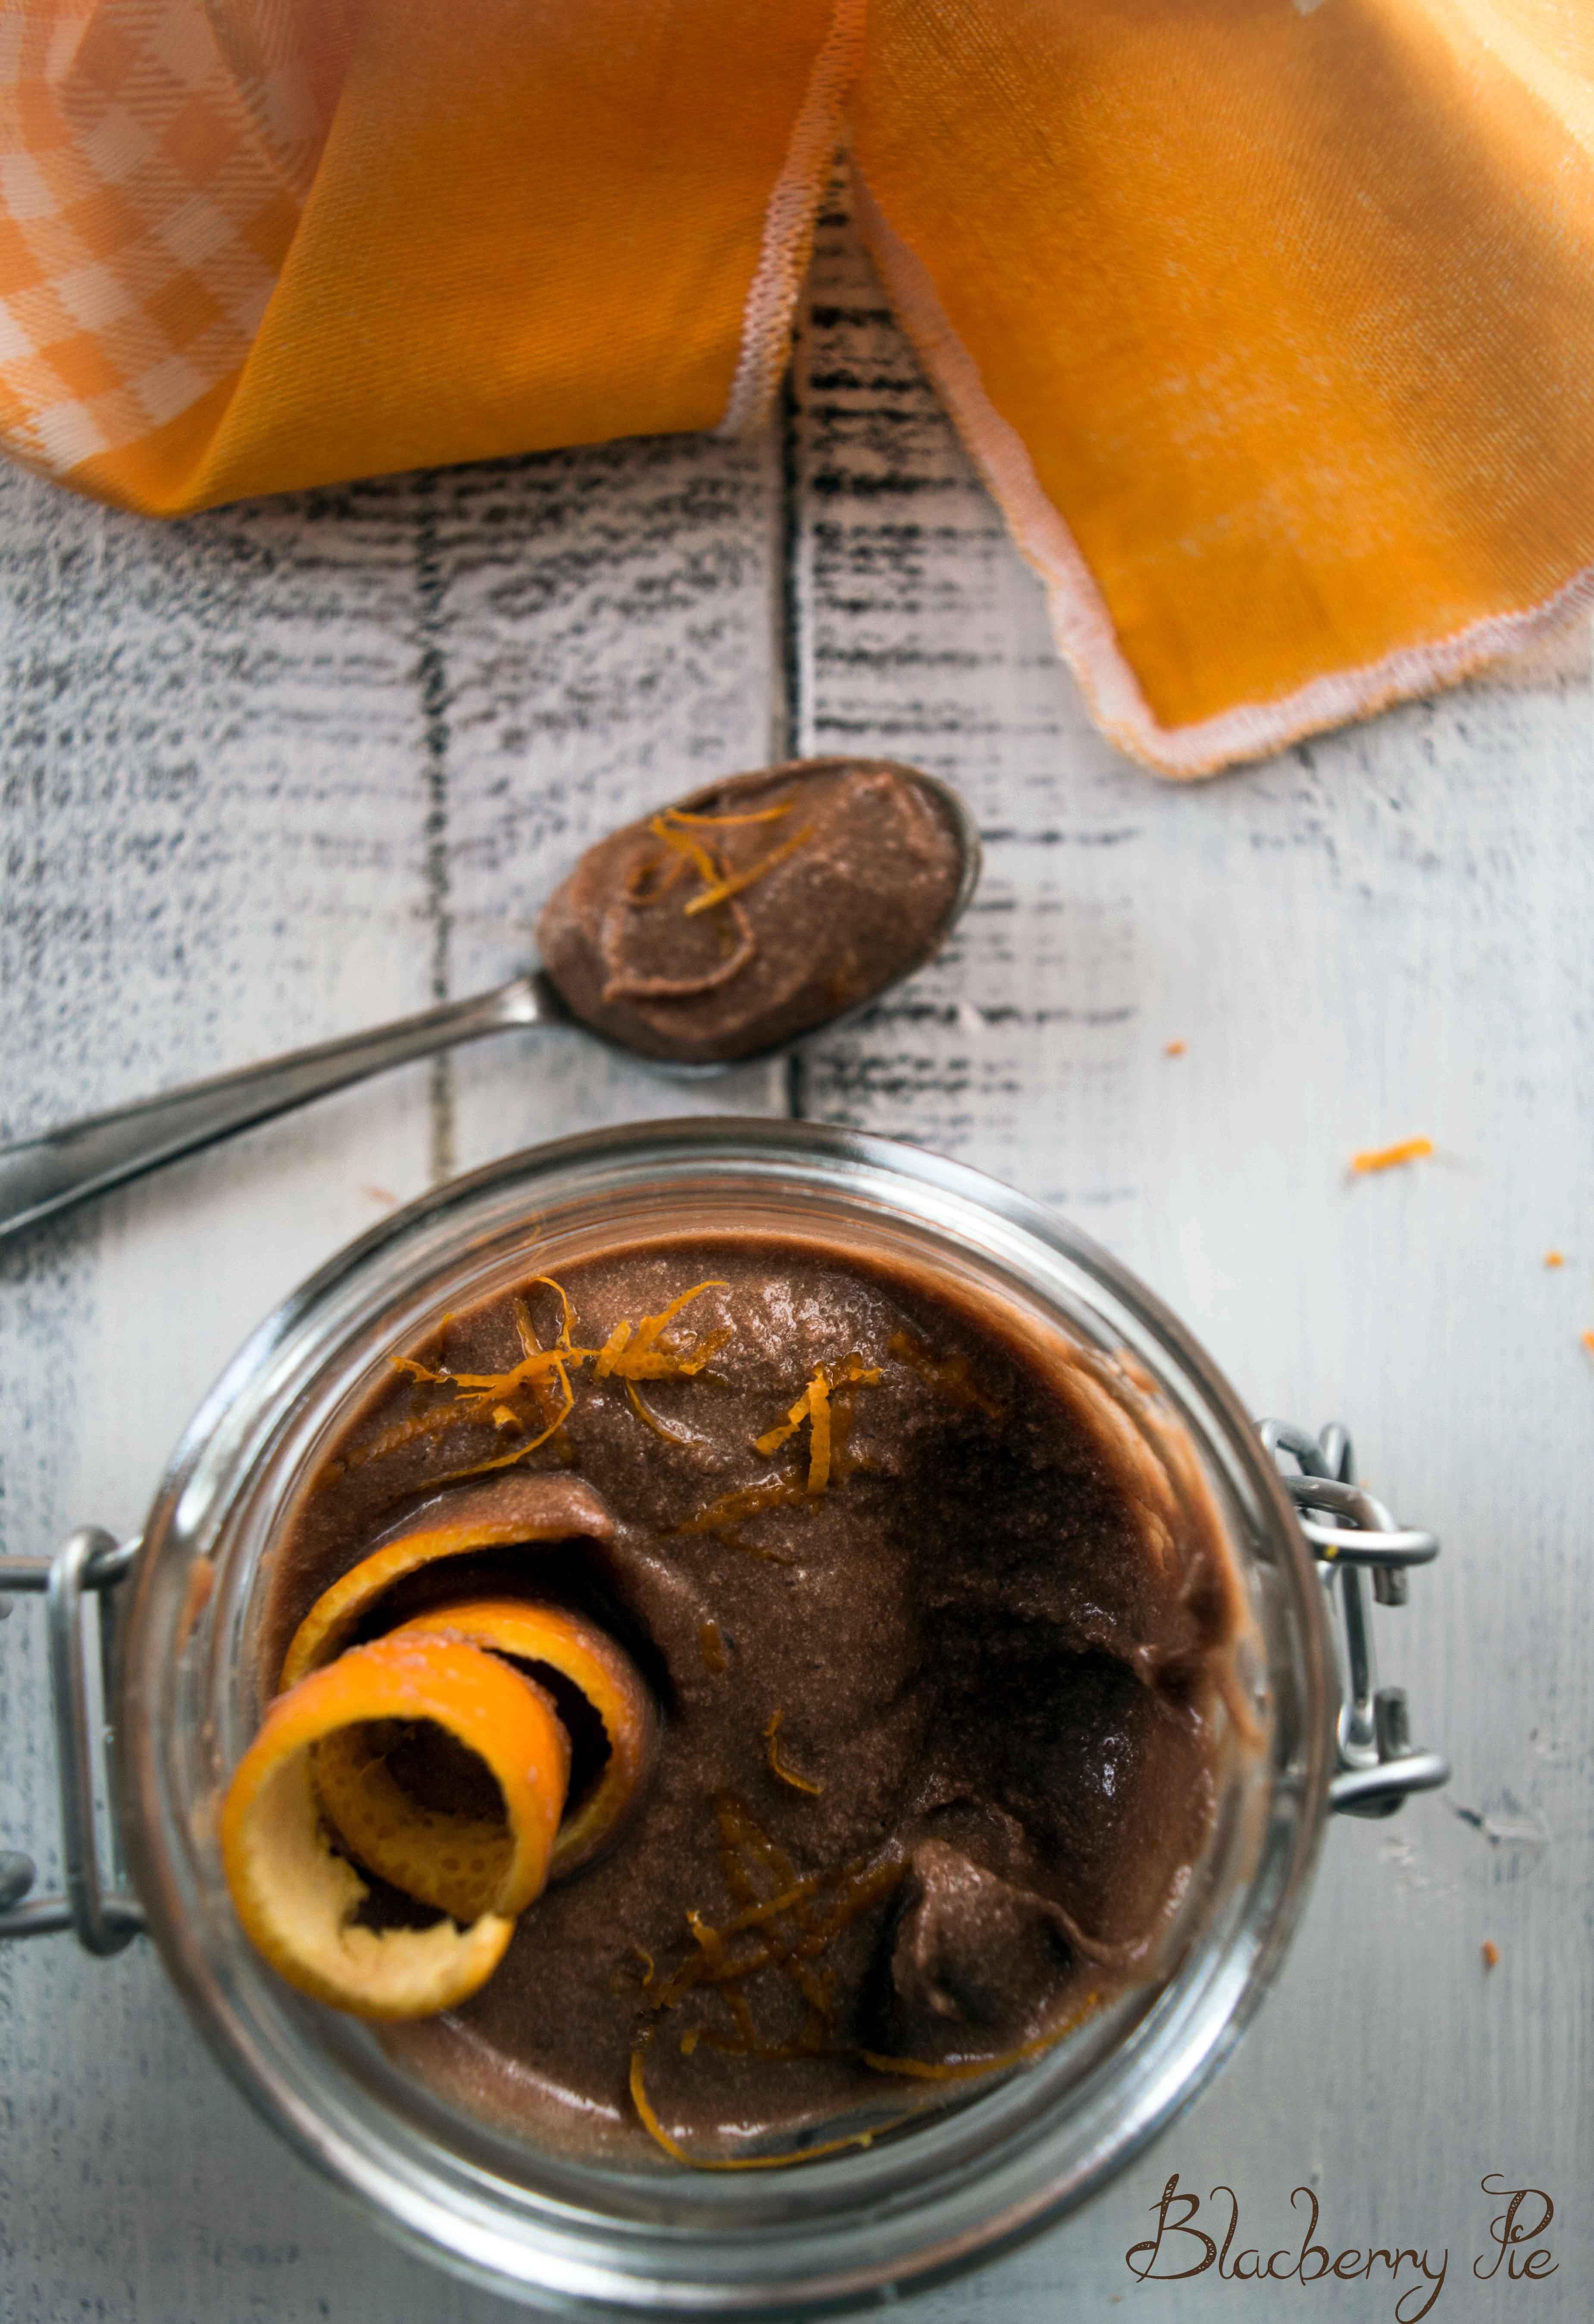 mousse al cioccolato e arancia